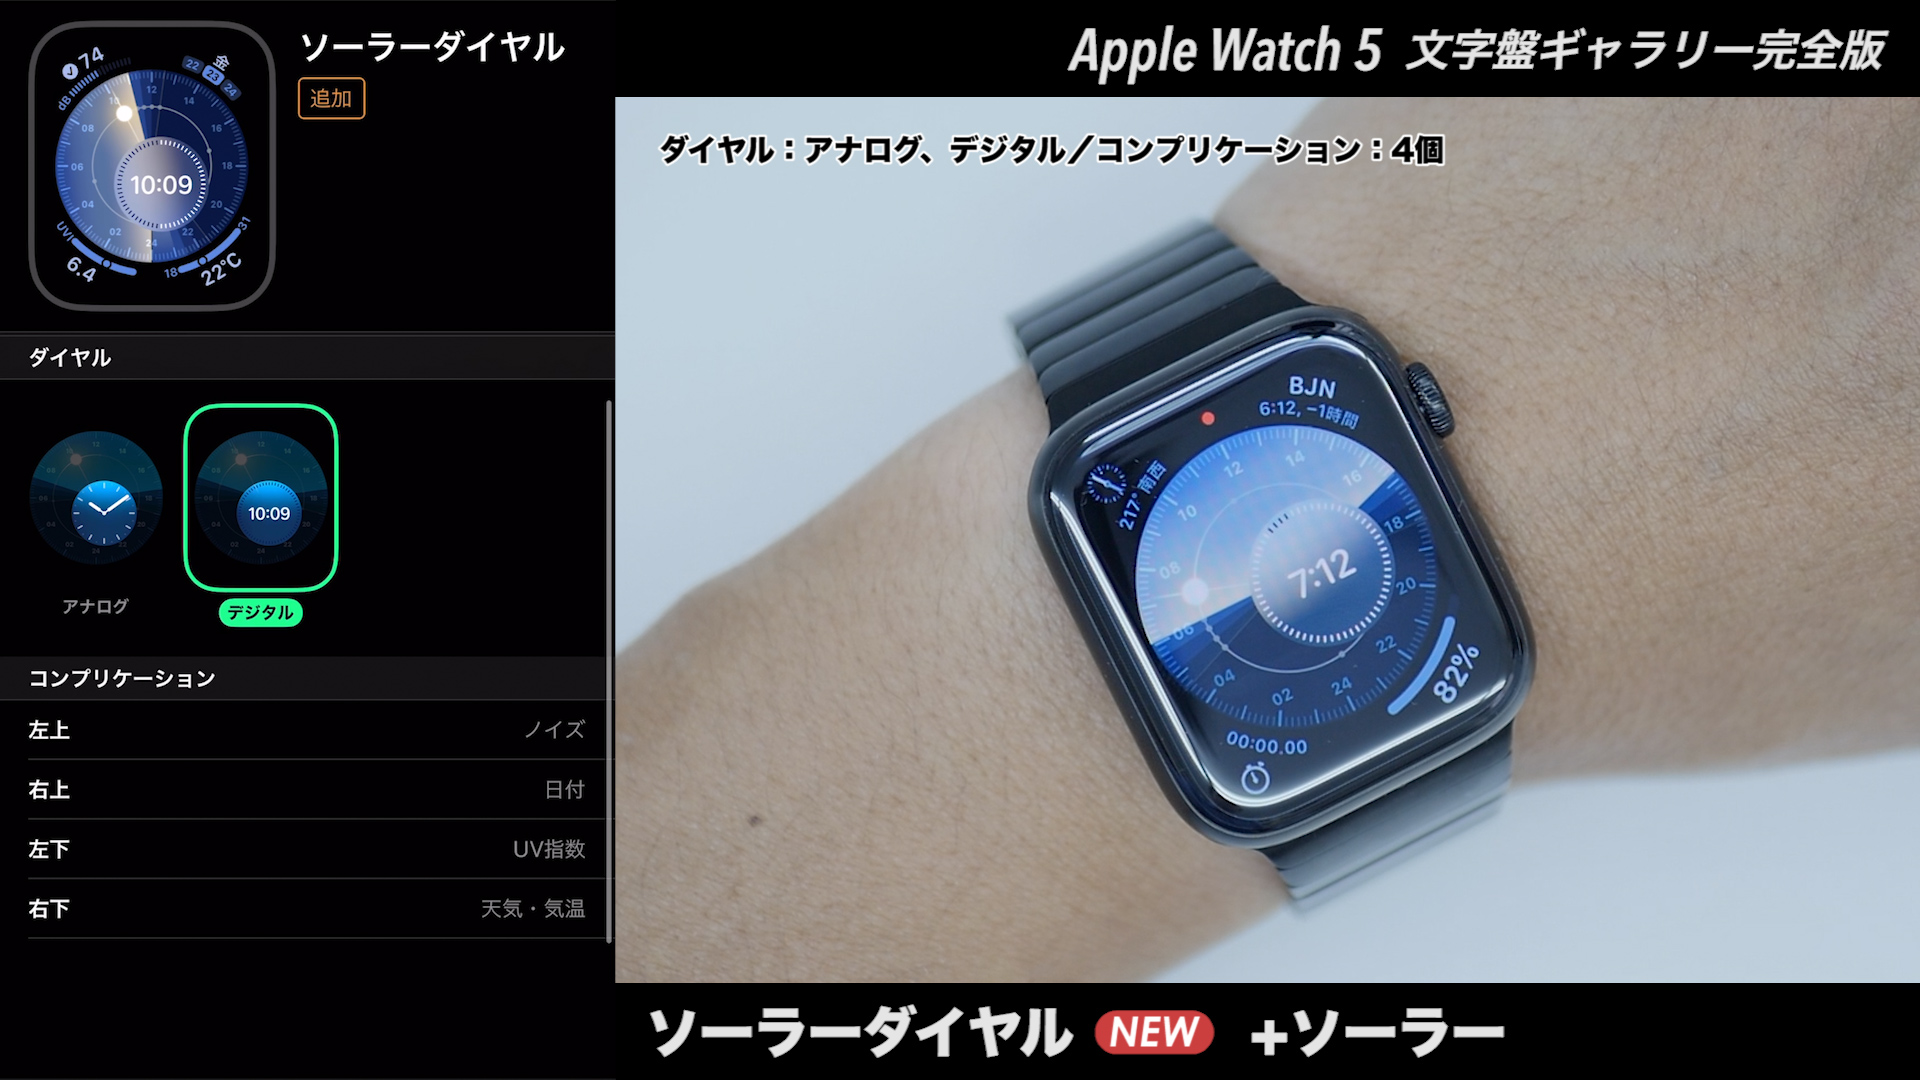 Apple Watchの文字盤 ソーラーダイヤル(+ソーラー)